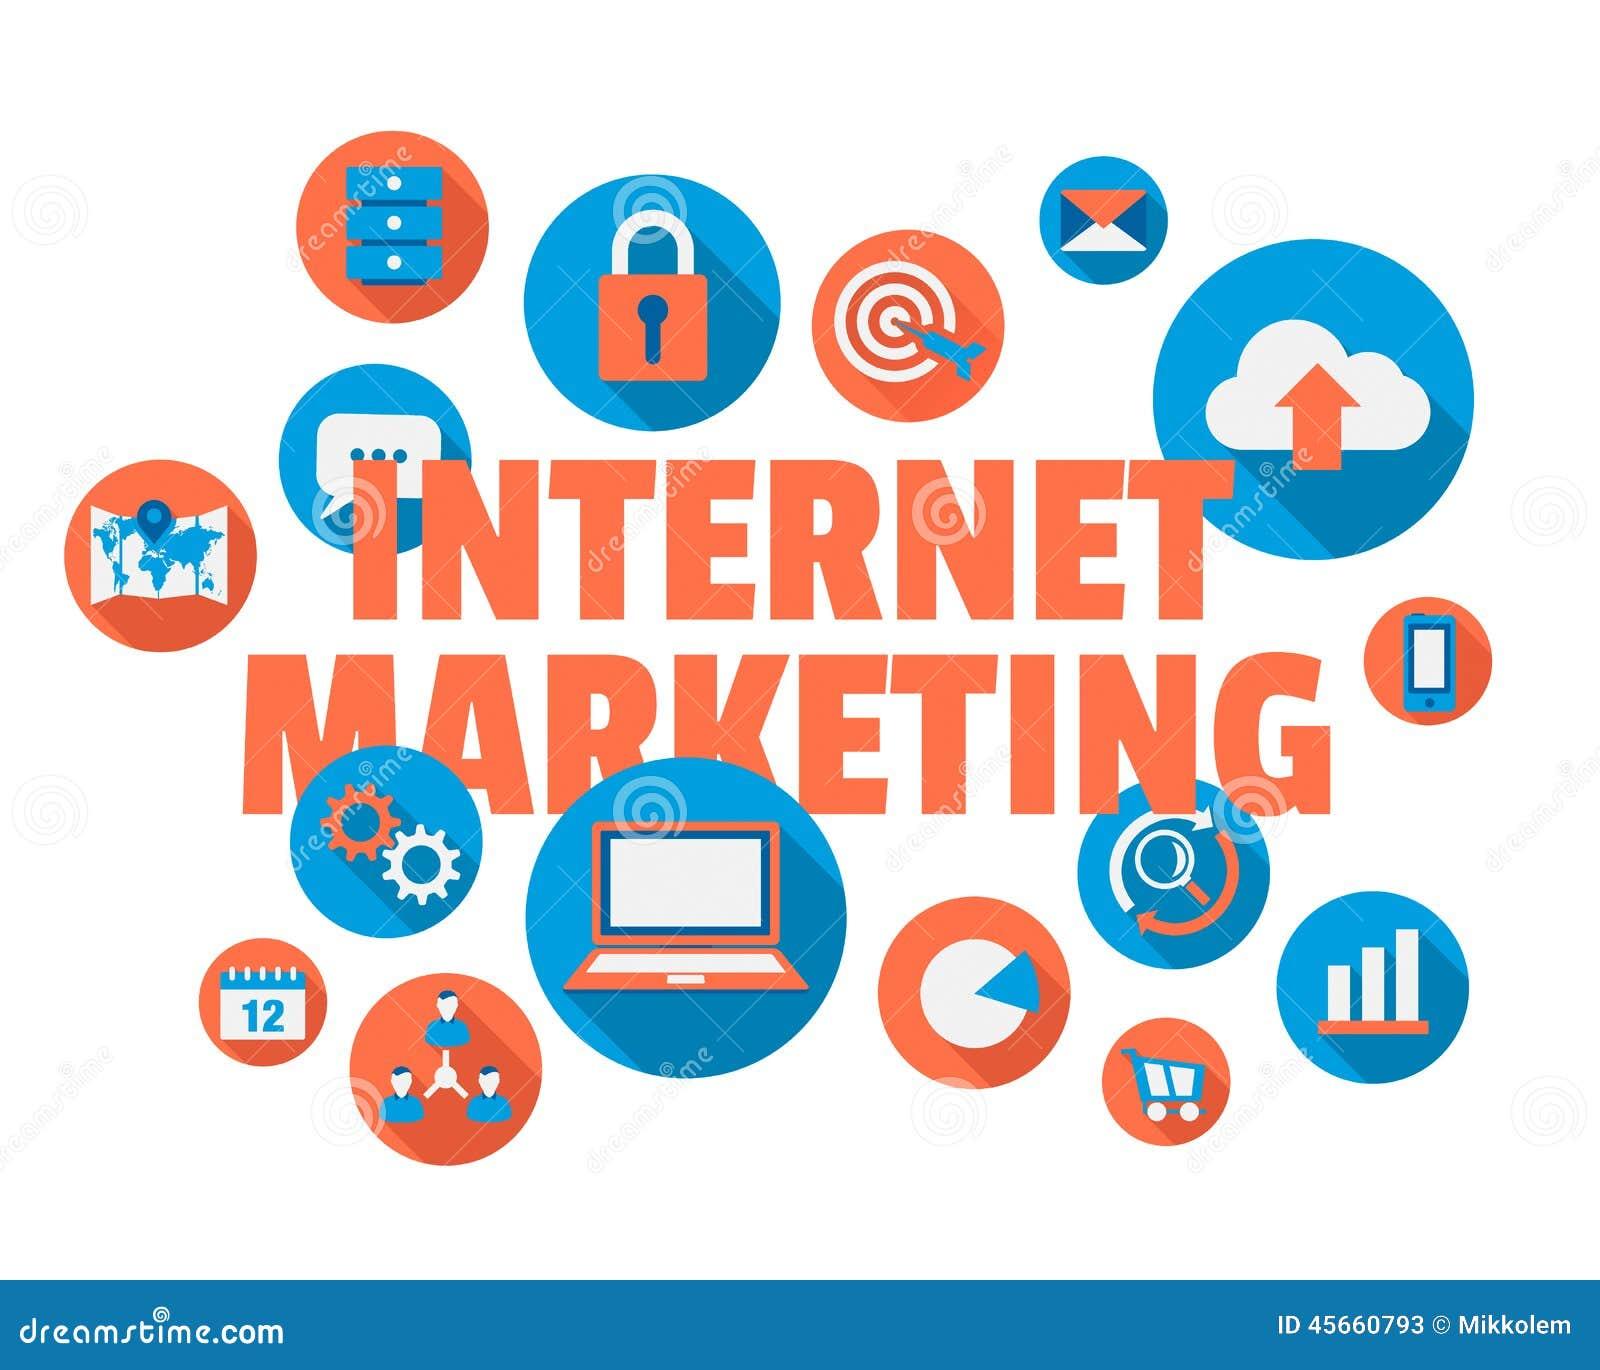 互联网营销和分析专用名词速览